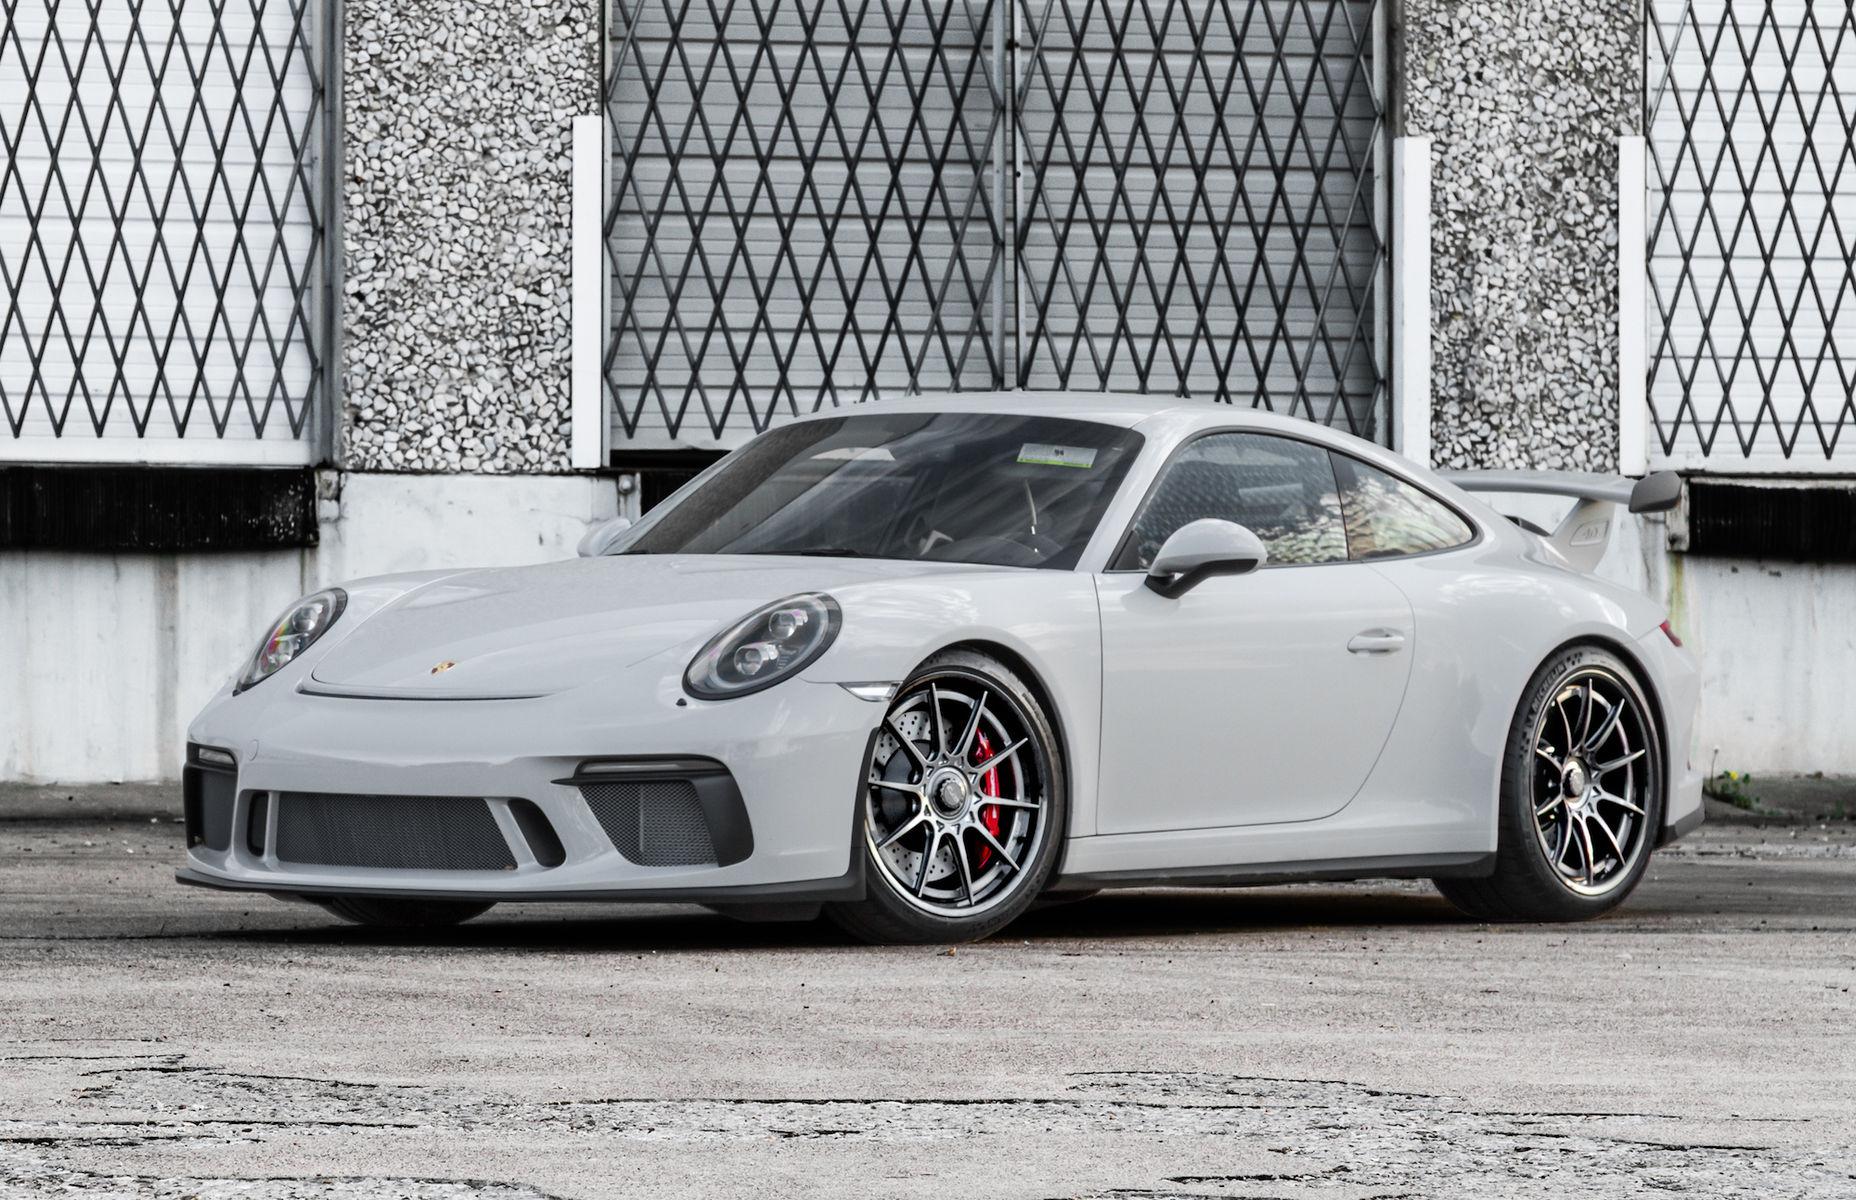 2018 Porsche 911   Wheel Experts' Porsche GT3 on Center Locking Forgeline Carbon+Forged CF205 Wheels